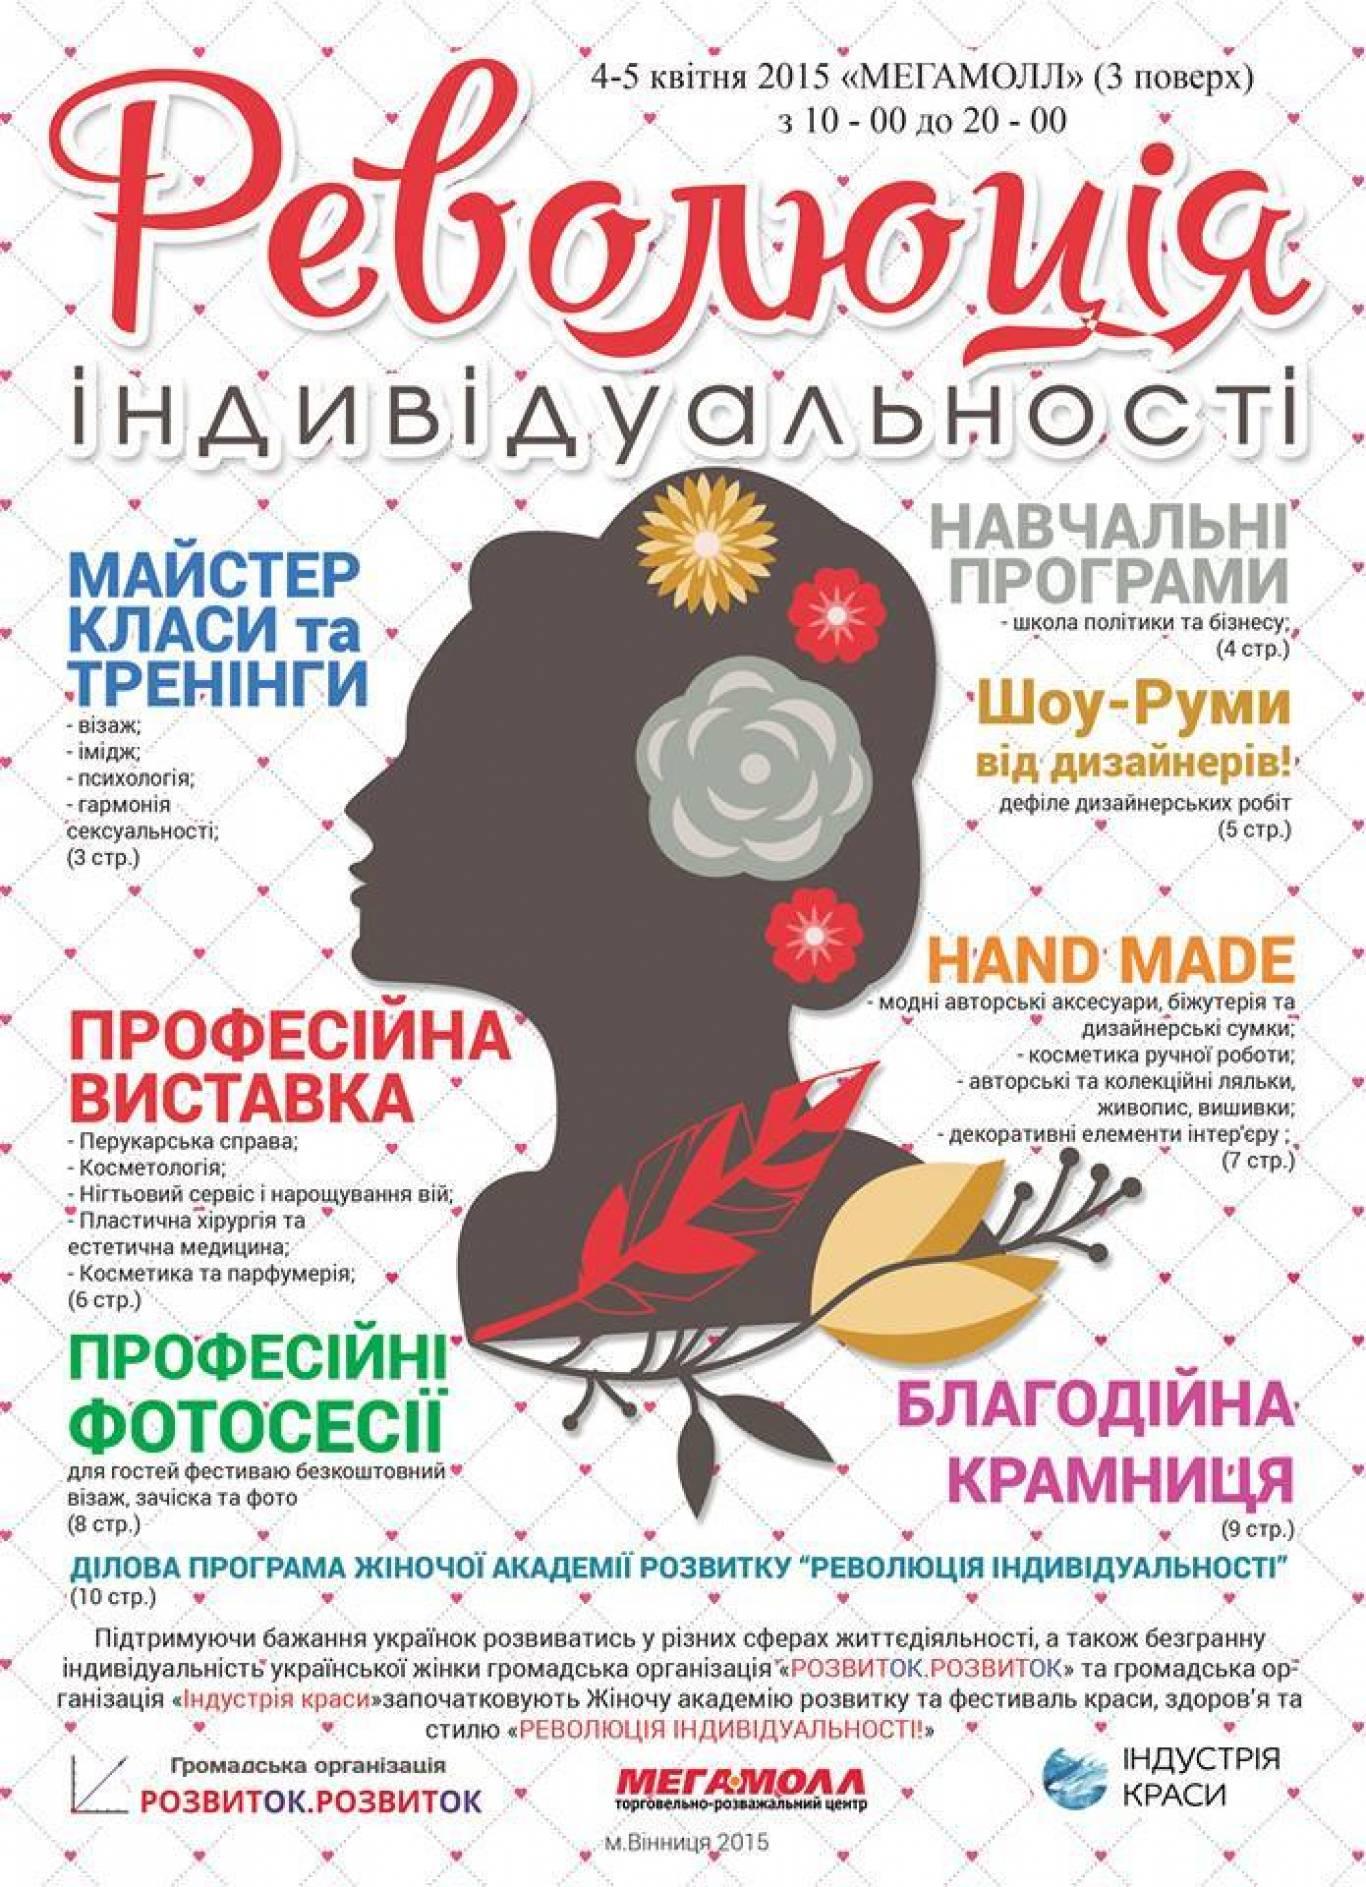 Фестиваль краси, здоров'я та стилю «Революція Індивідуальності!»